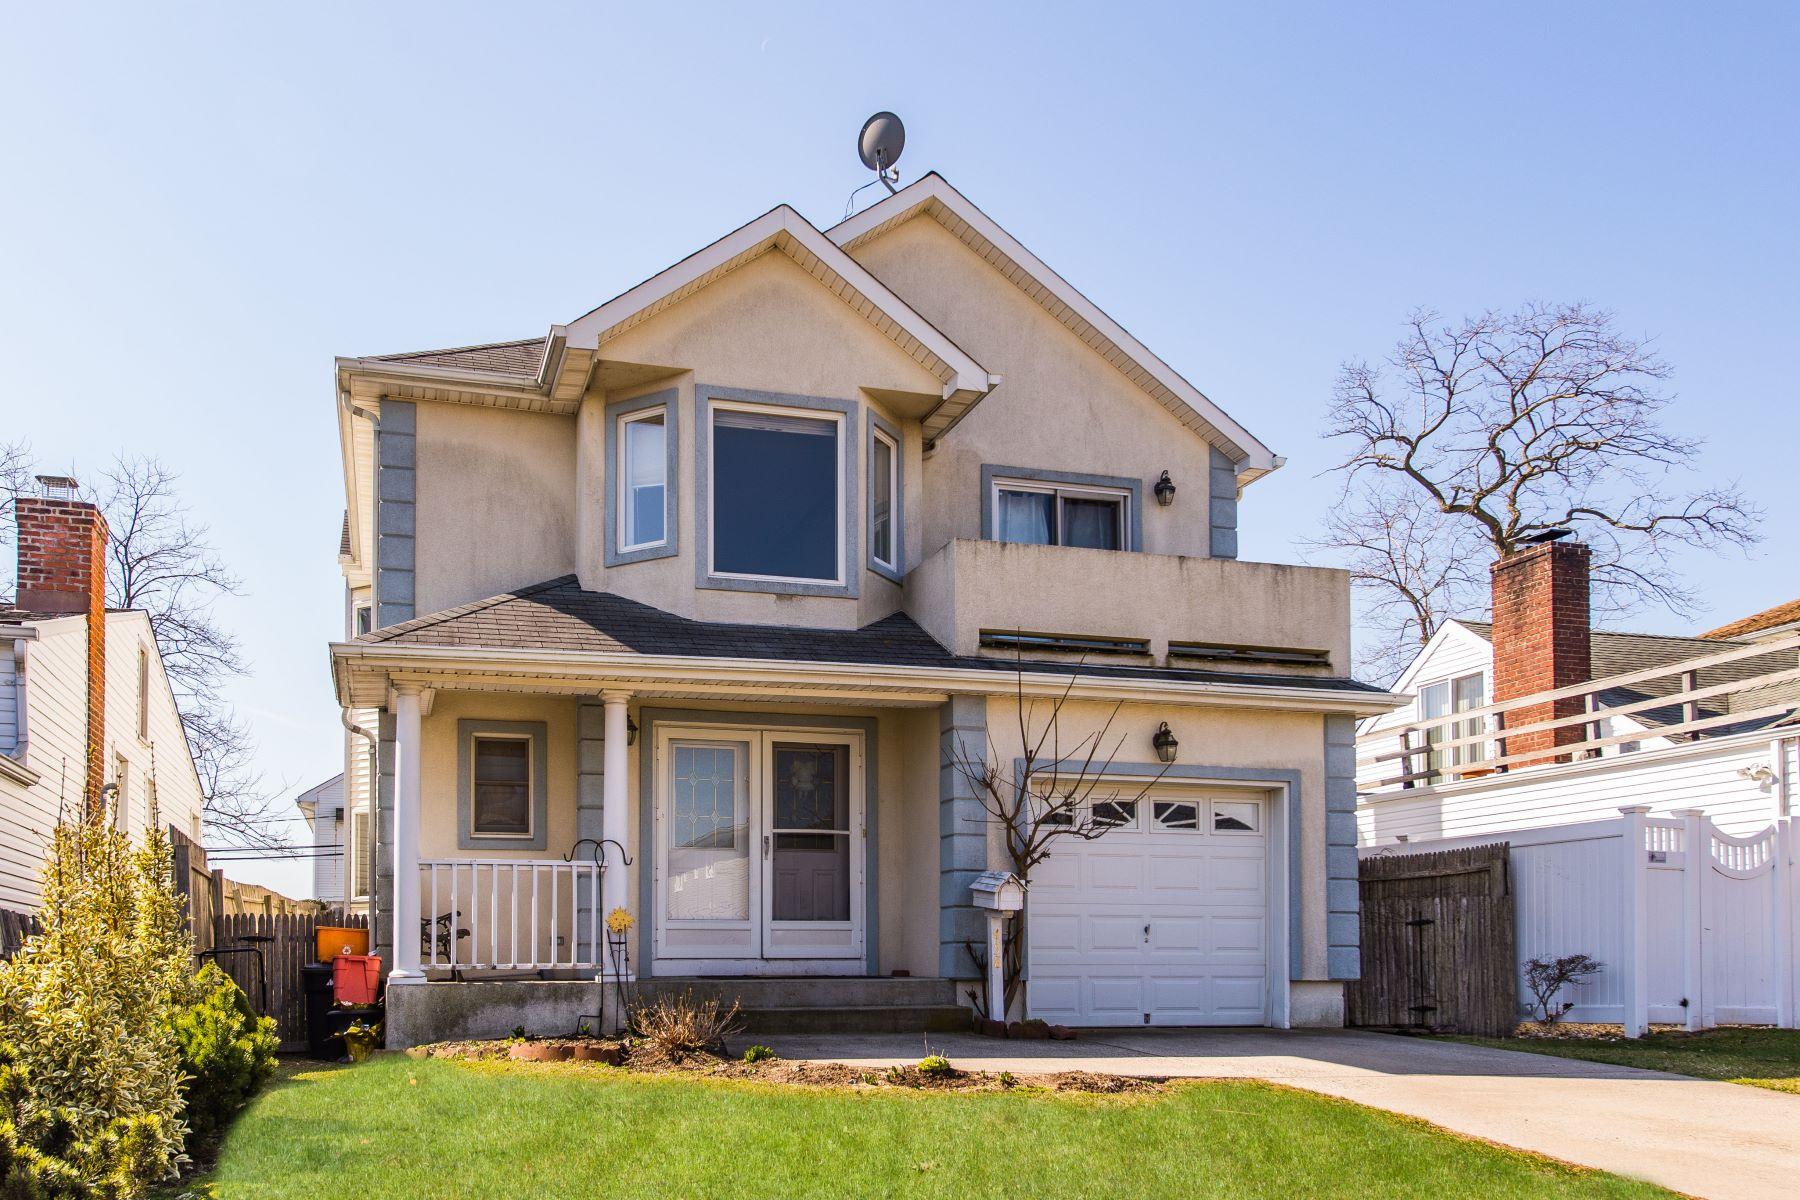 Частный односемейный дом для того Продажа на 458 E Pine St , Long Beach, NY 11561 458 E Pine St Long Beach, Нью-Йорк 11561 Соединенные Штаты